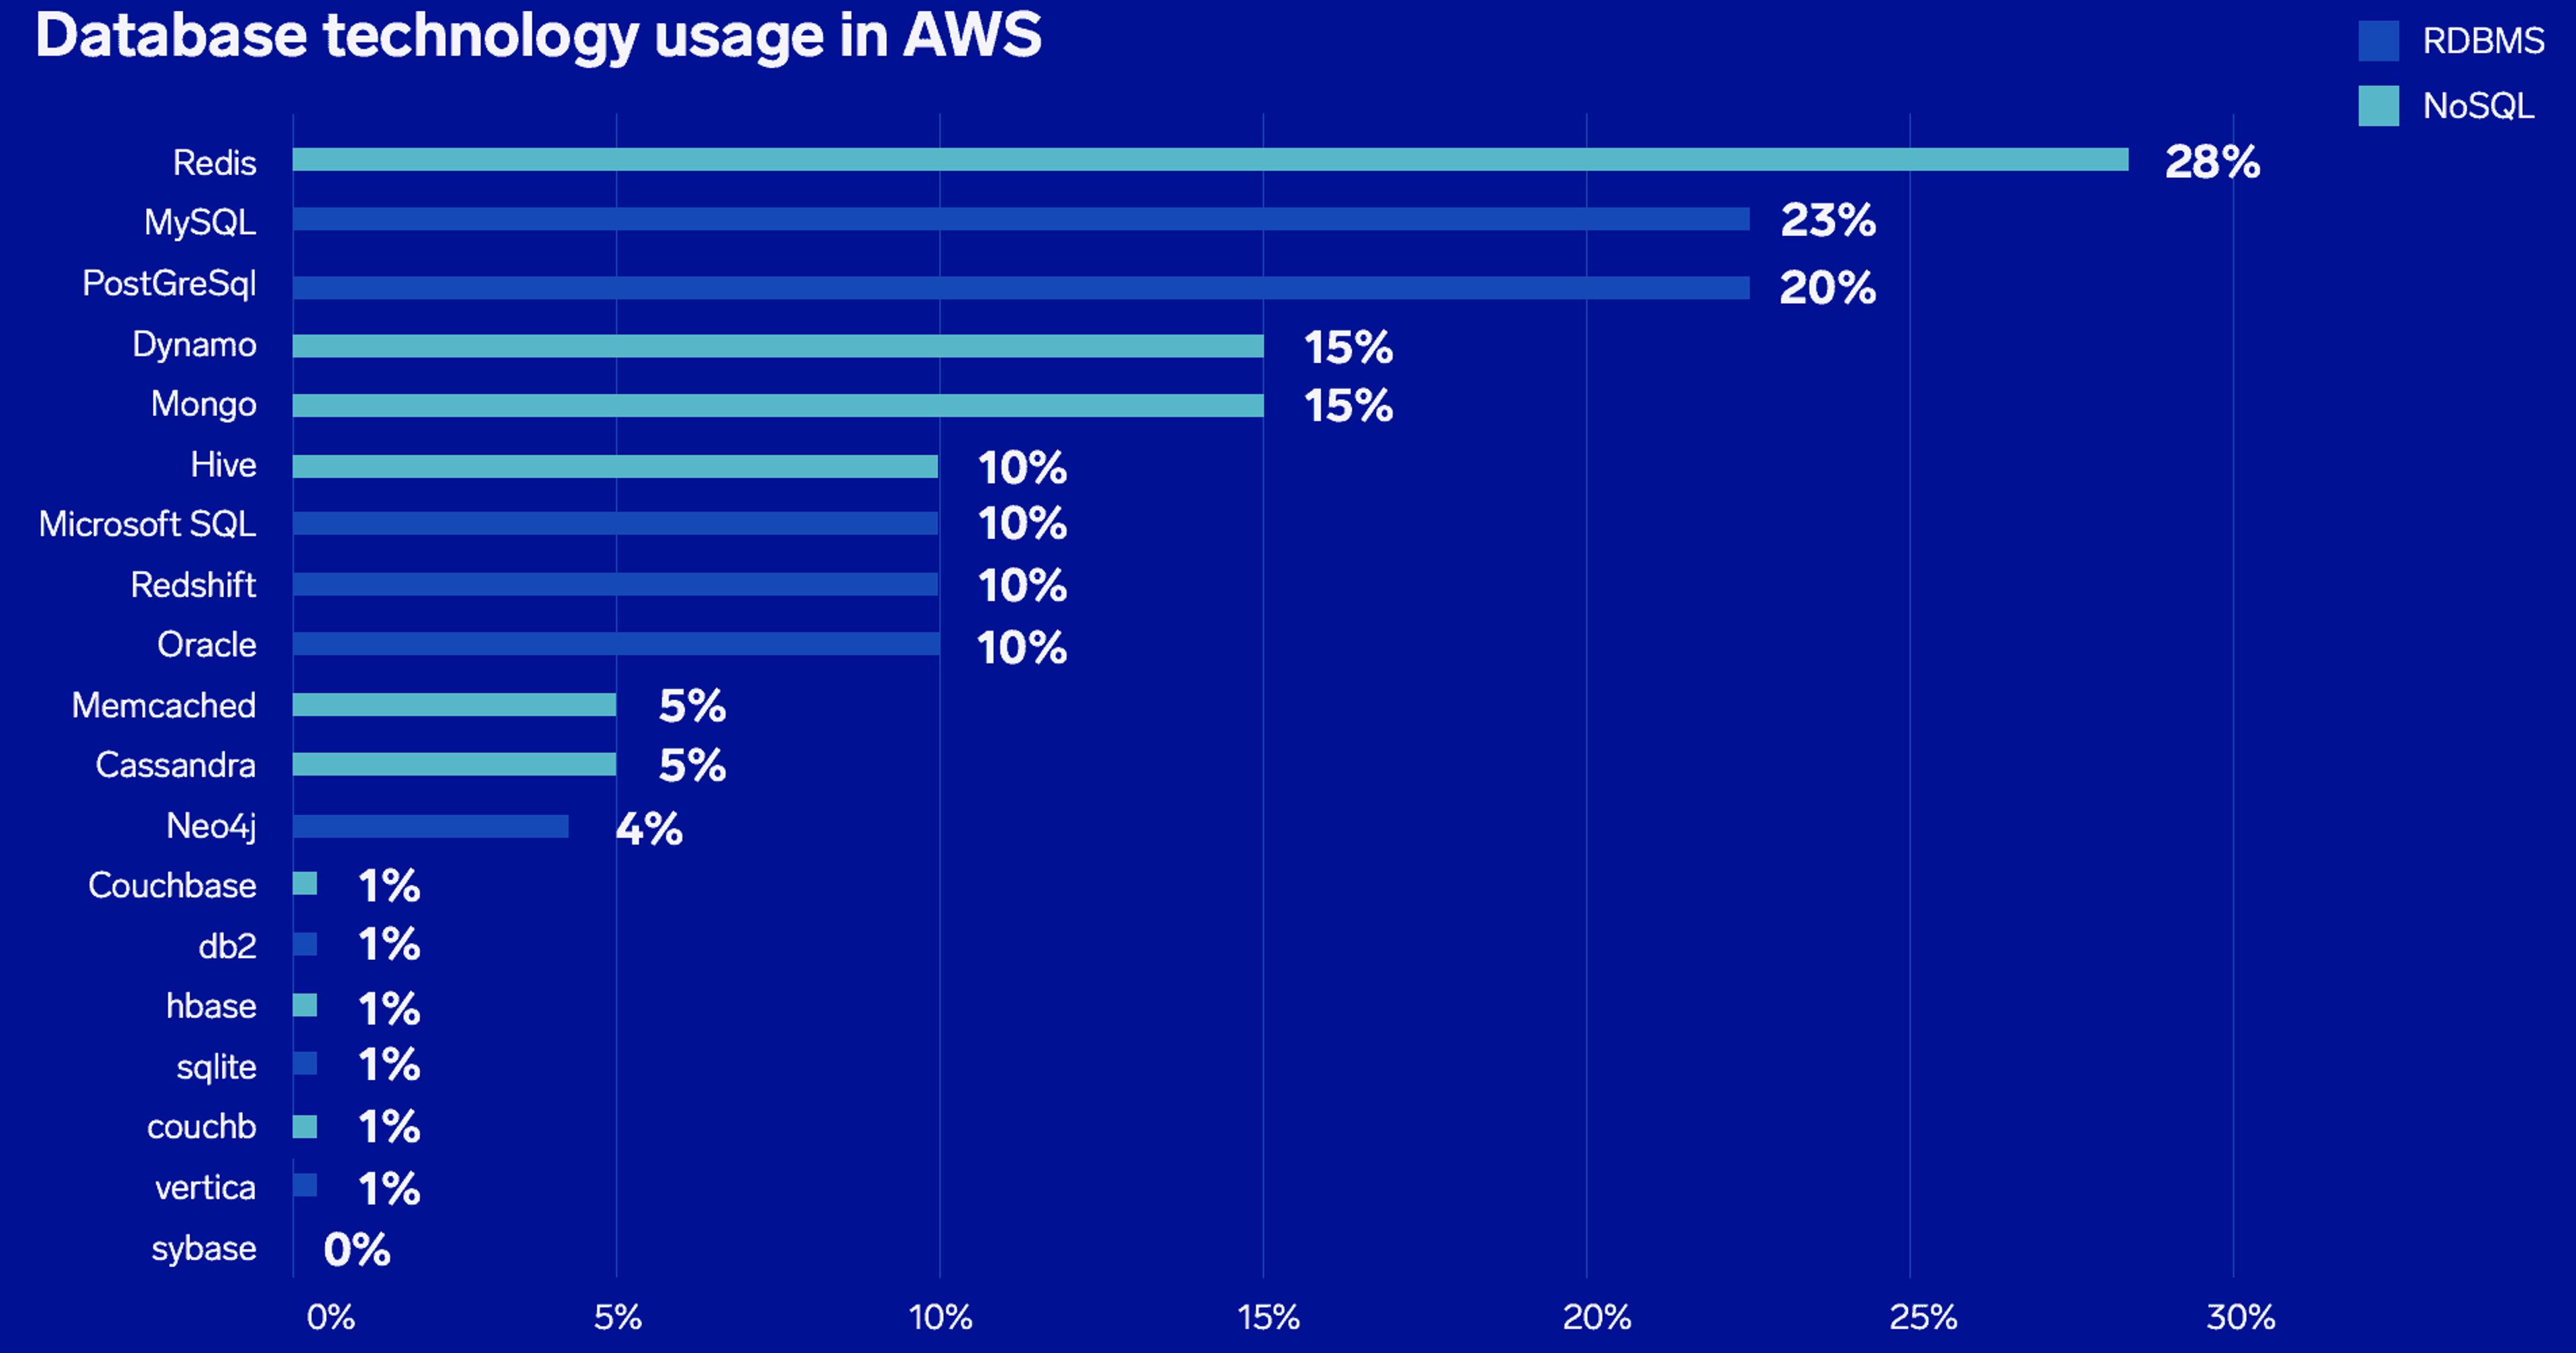 Redis est la base de données la plus déployée sur l'infrastructure AWS